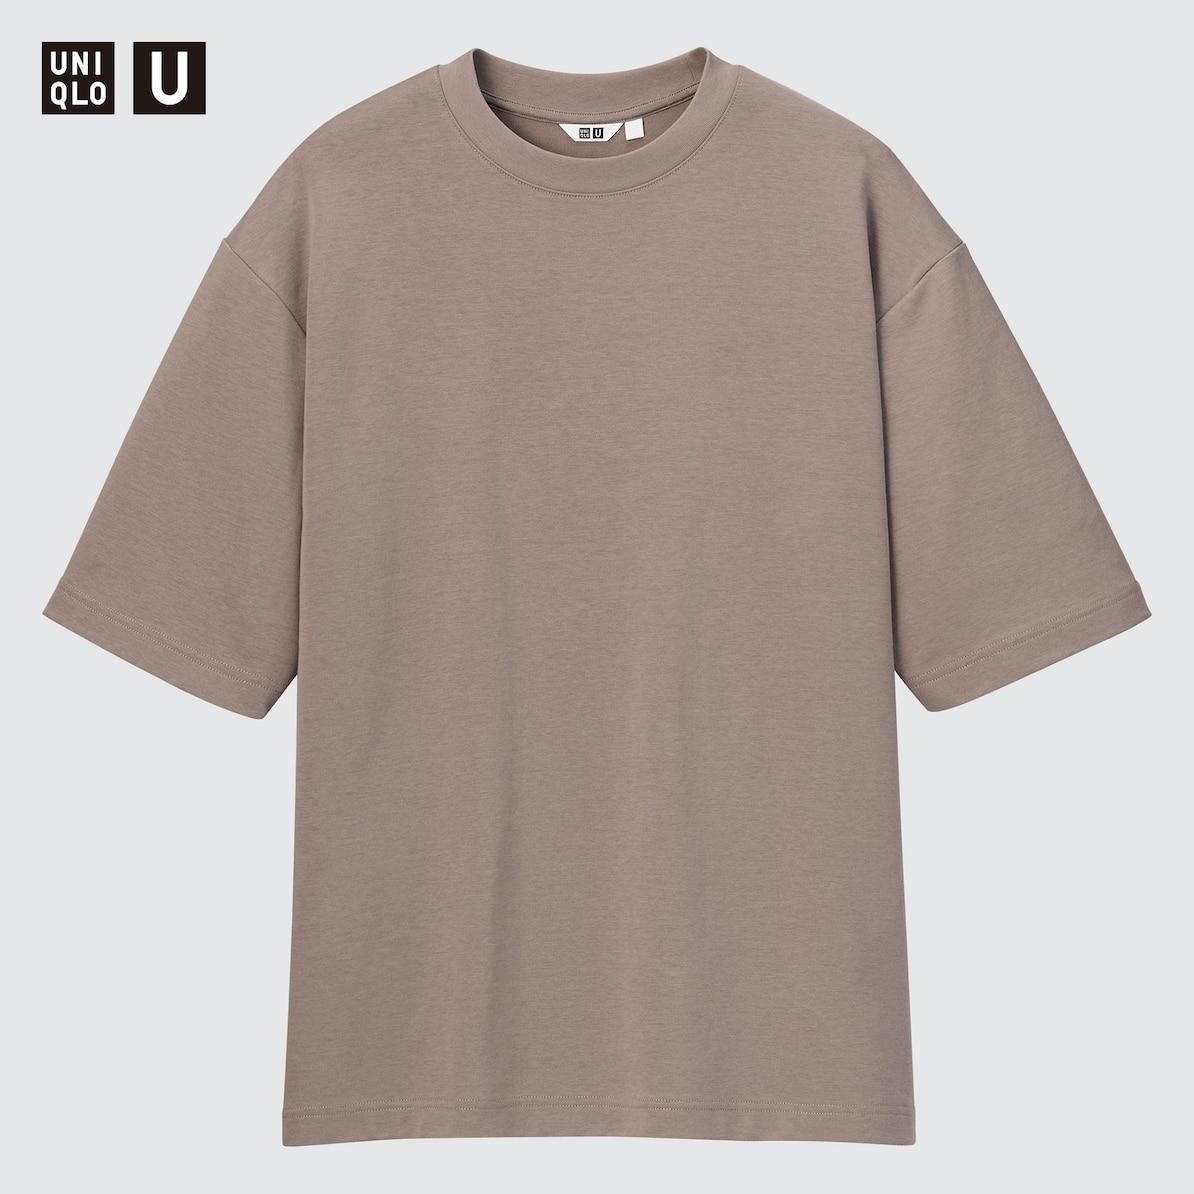 ユニクロ t シャツ